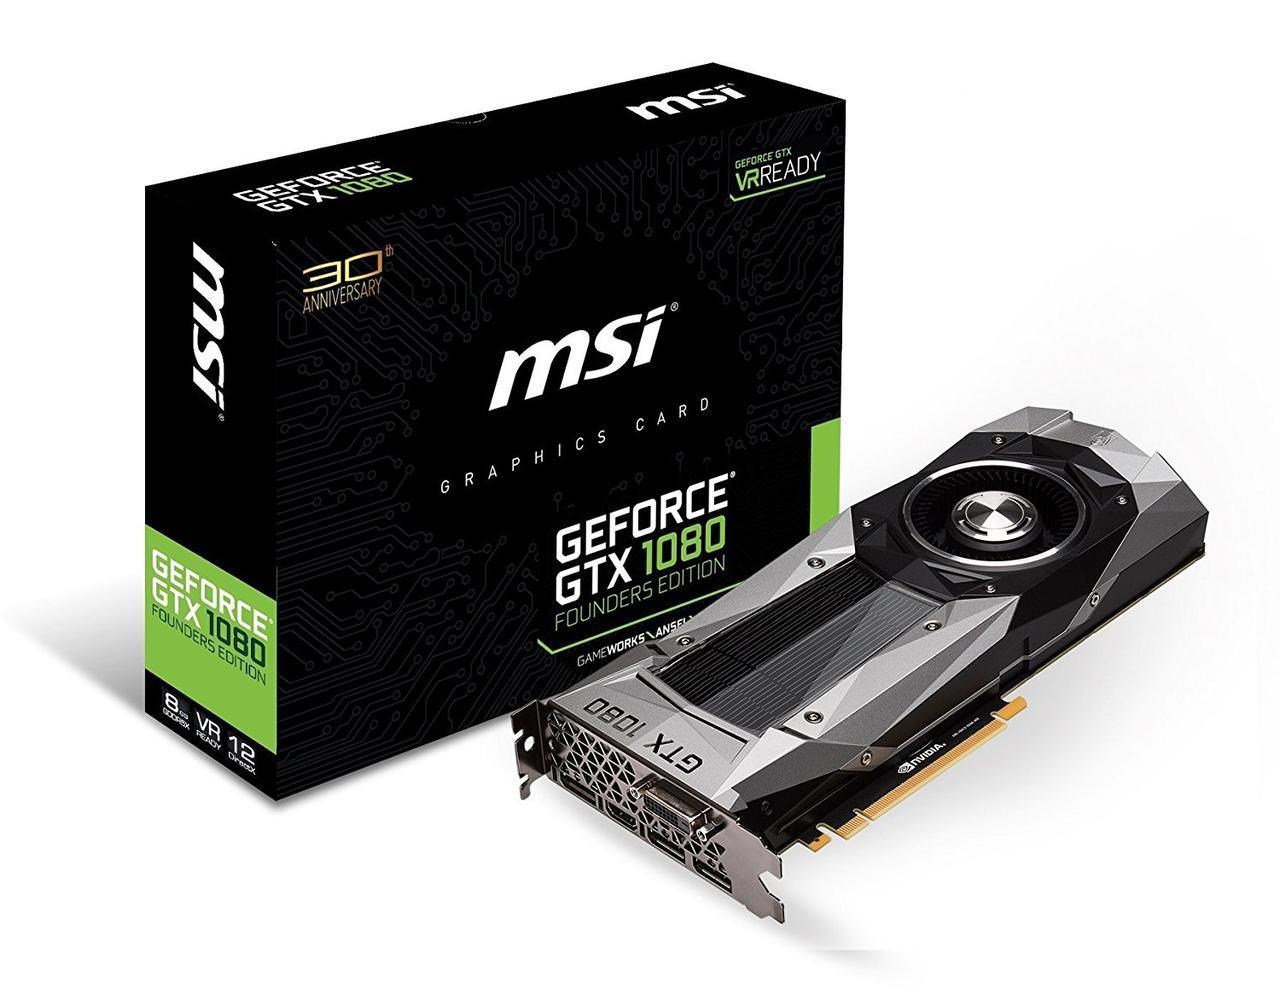 """Видеокарта MSI GTX1080 8GB Founders Edition """"Over-Stock"""" Б/У"""